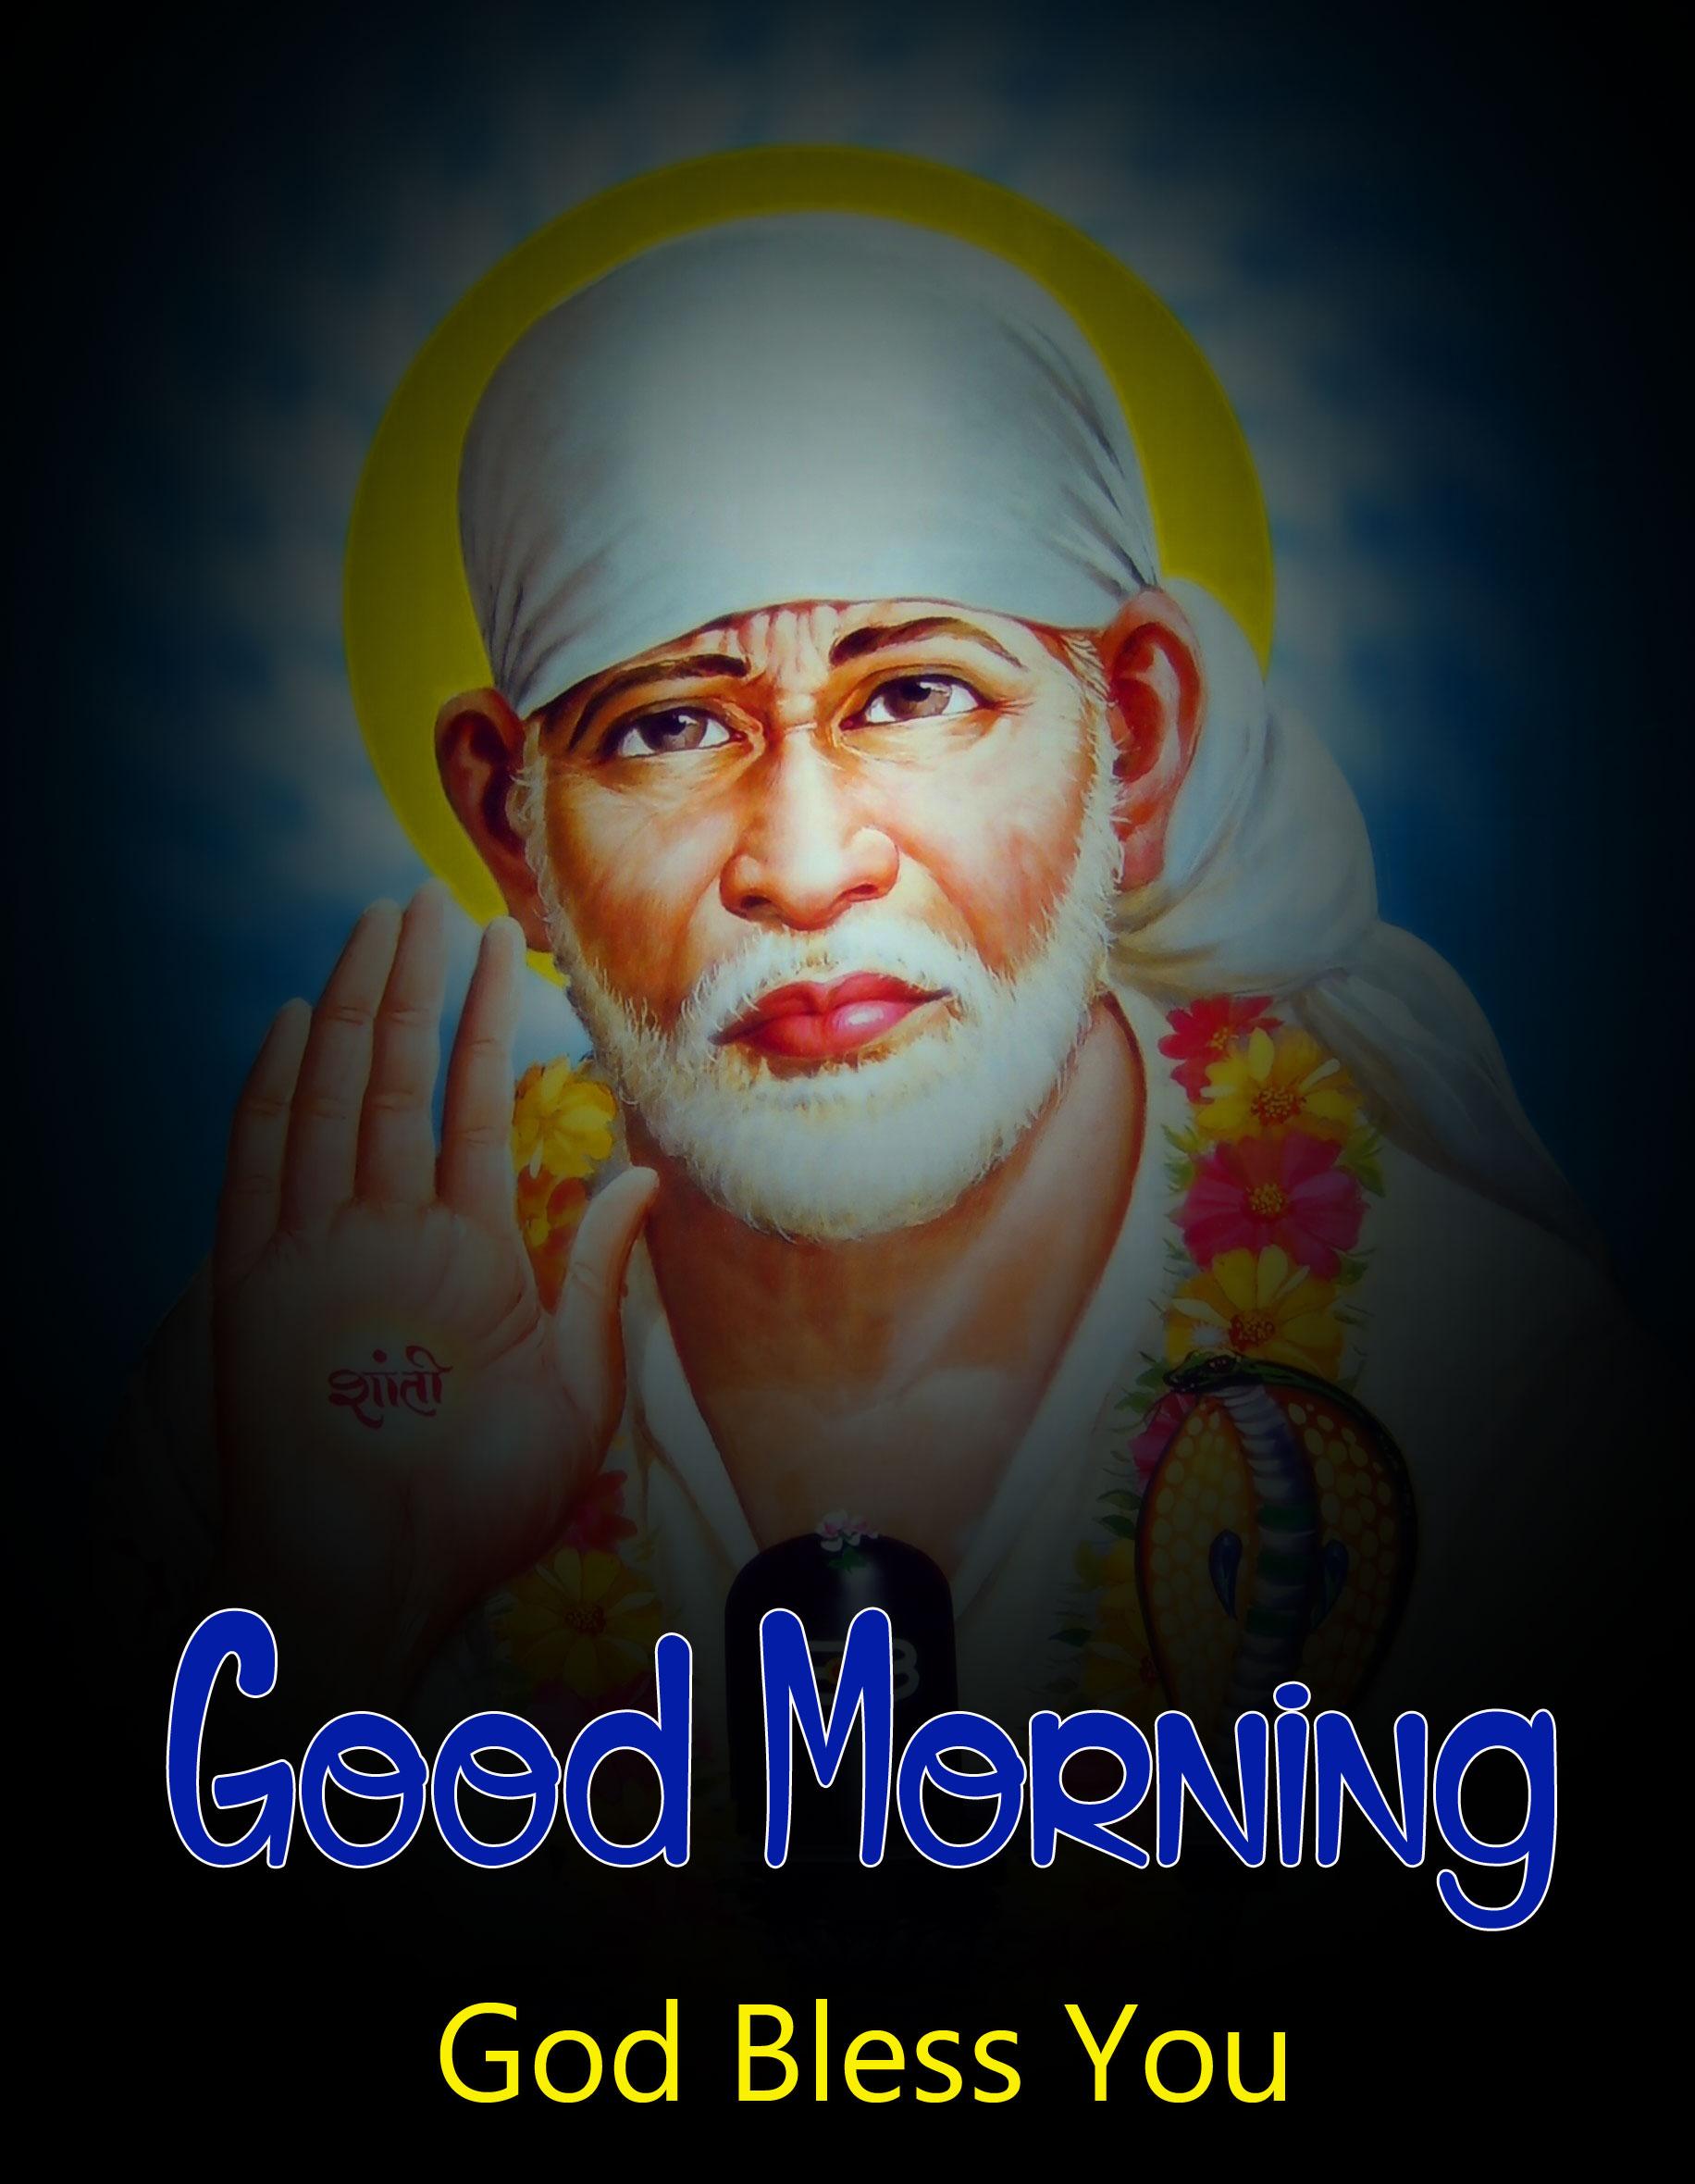 2021 Sai Baba Good Morning Images pics hd